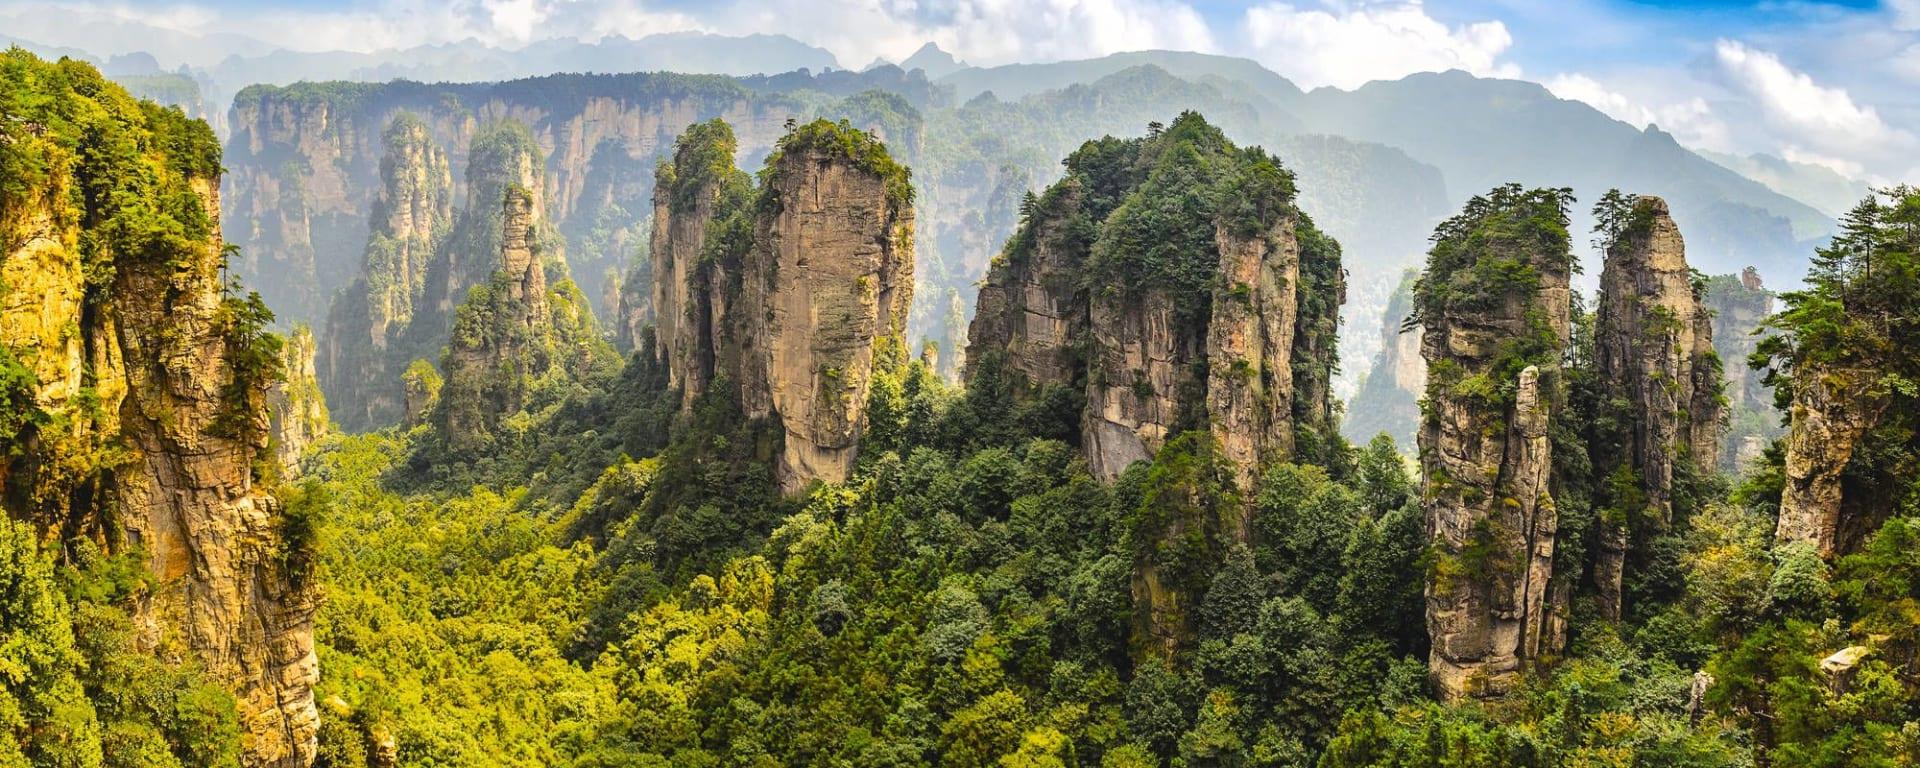 Tout savoir sur les voyages et les vacances en Chine: Zhangjiajie Forest Park